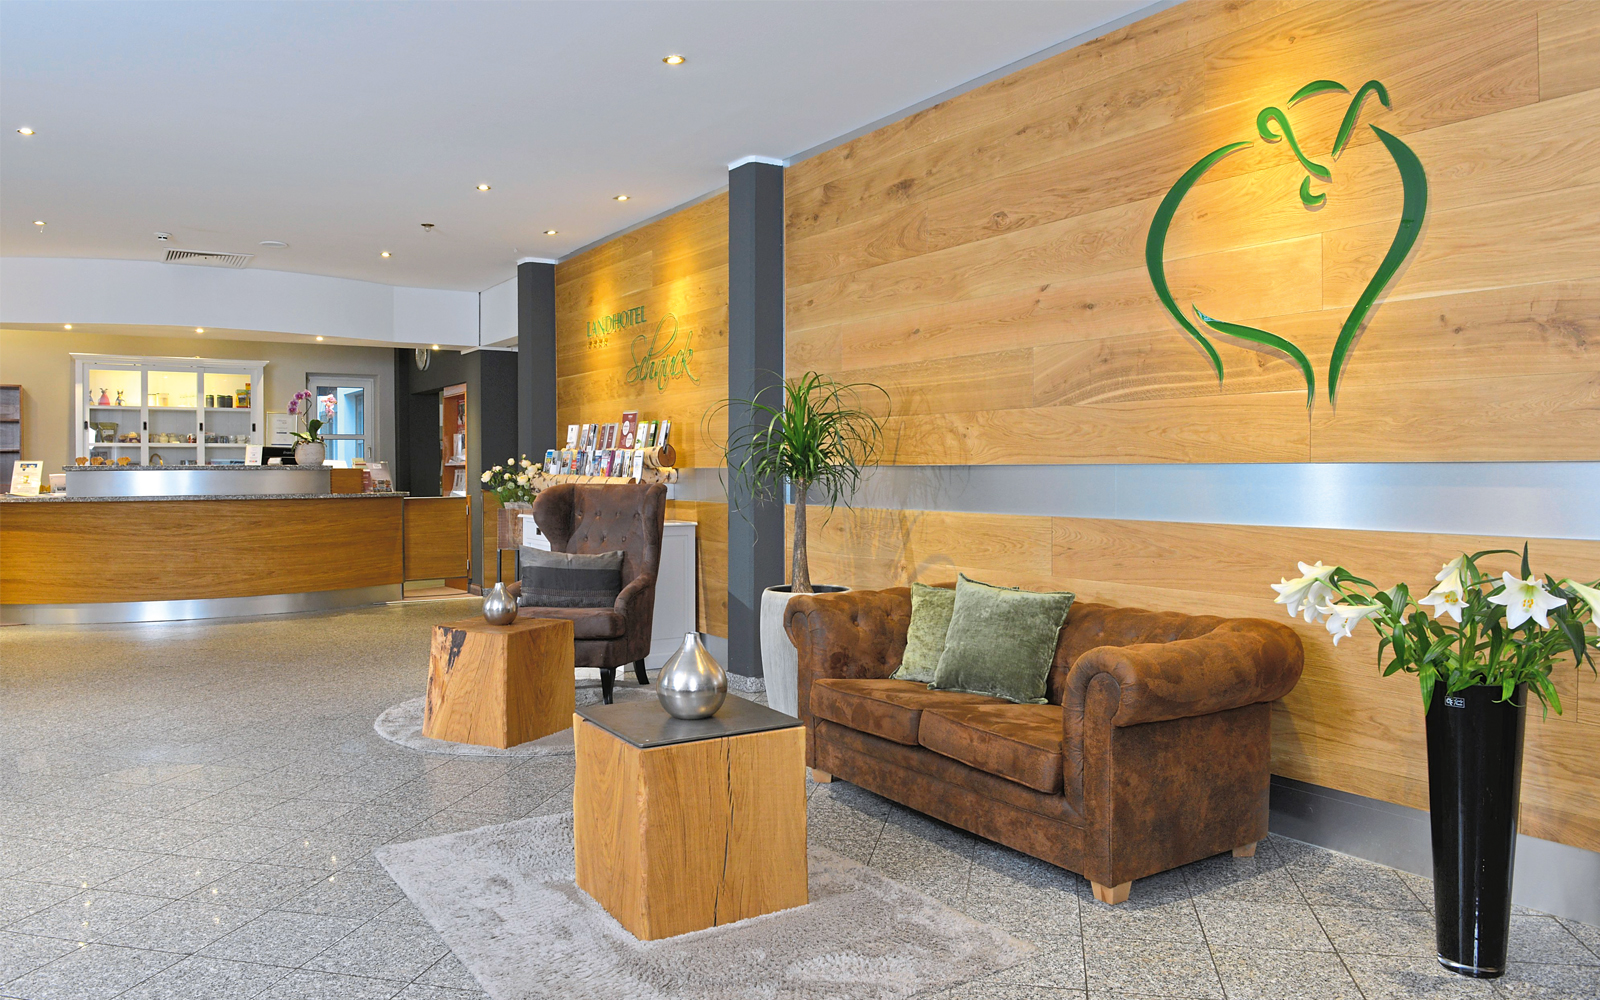 Klare Formen, viel Holz und warme Farbtöne setzen im Hotel Akzente.